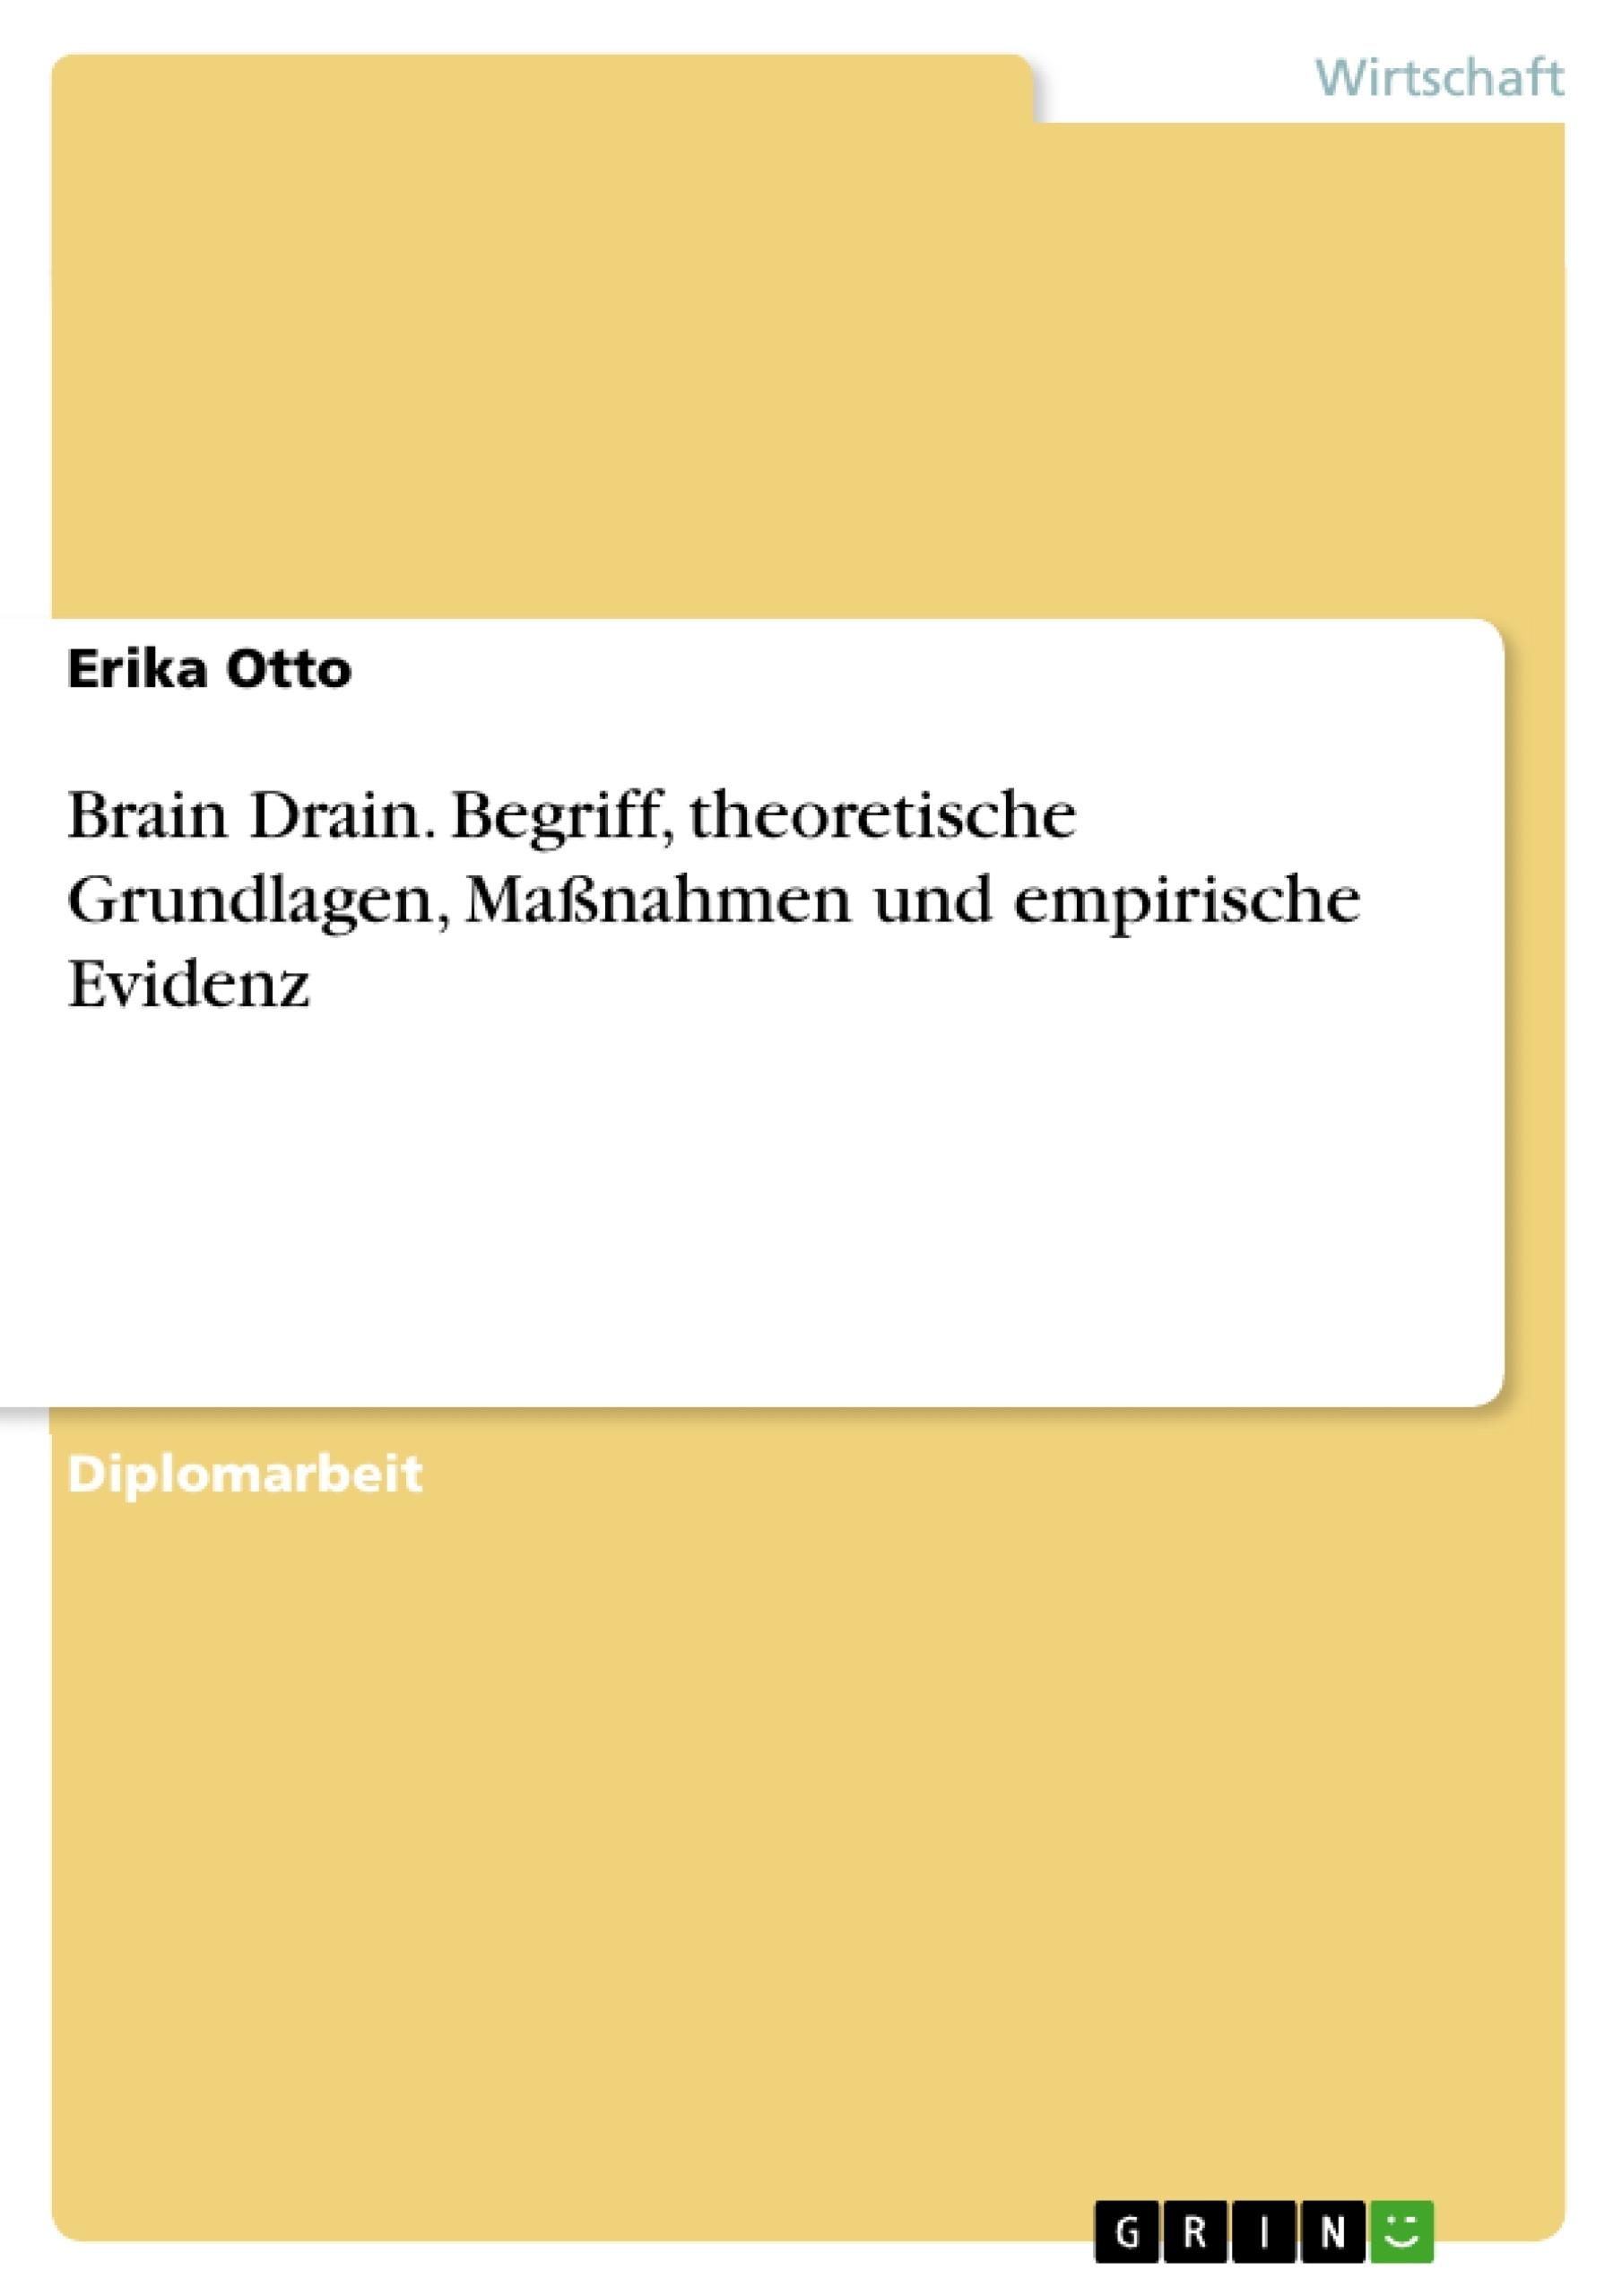 Titel: Brain Drain. Begriff, theoretische Grundlagen, Maßnahmen und empirische Evidenz